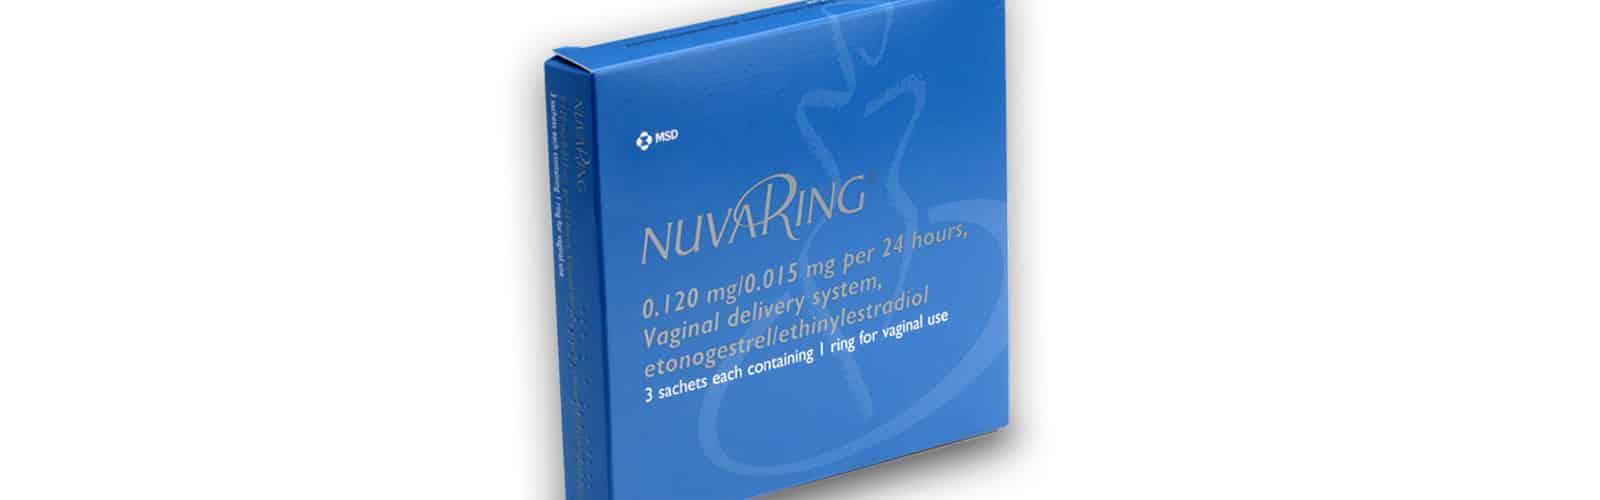 Acheter NuvaRing en ligne | Livraison rapide 24h (gratuite